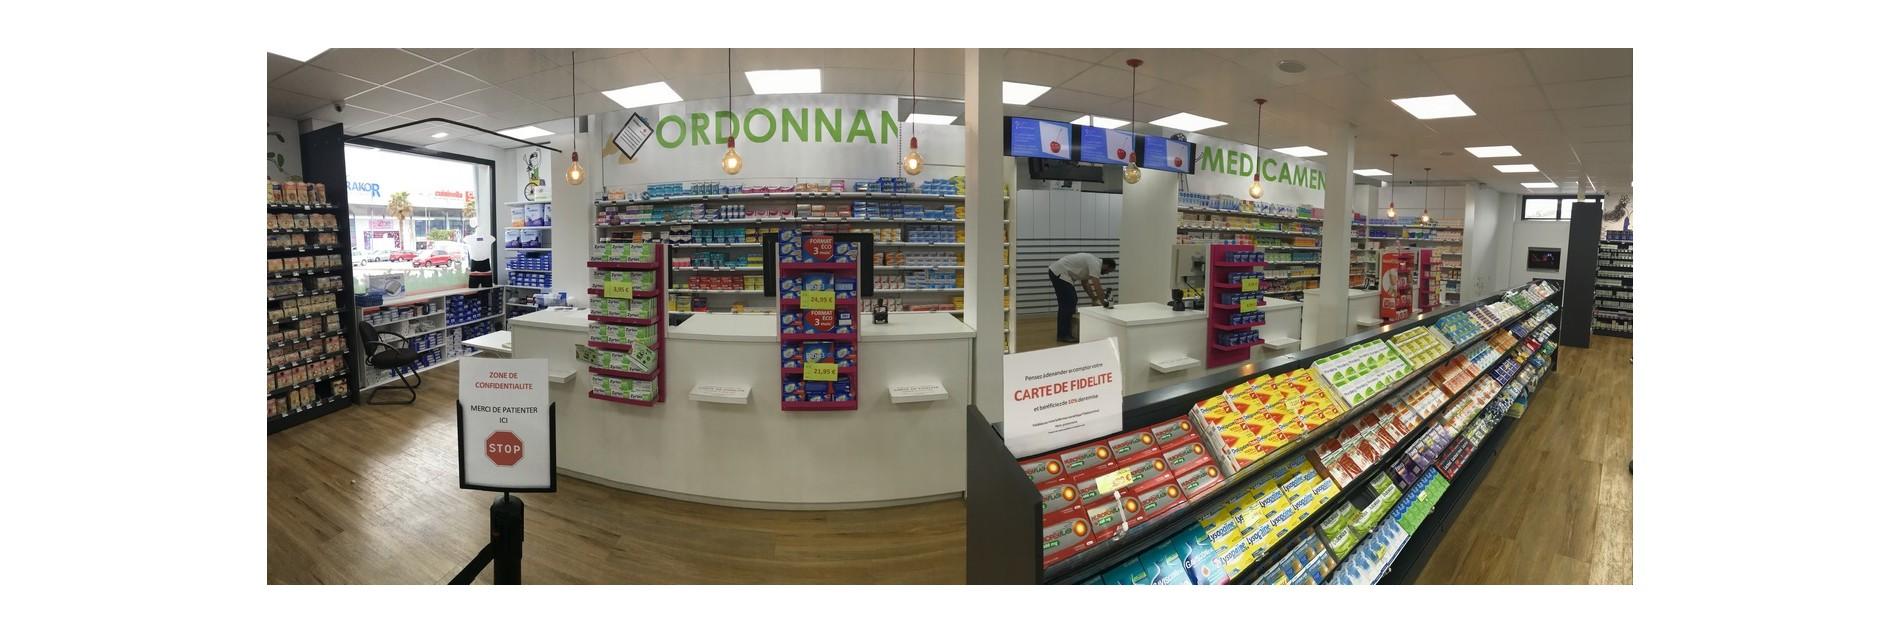 Pharmacie des rompois : Pourquoi cette pharmacie ?